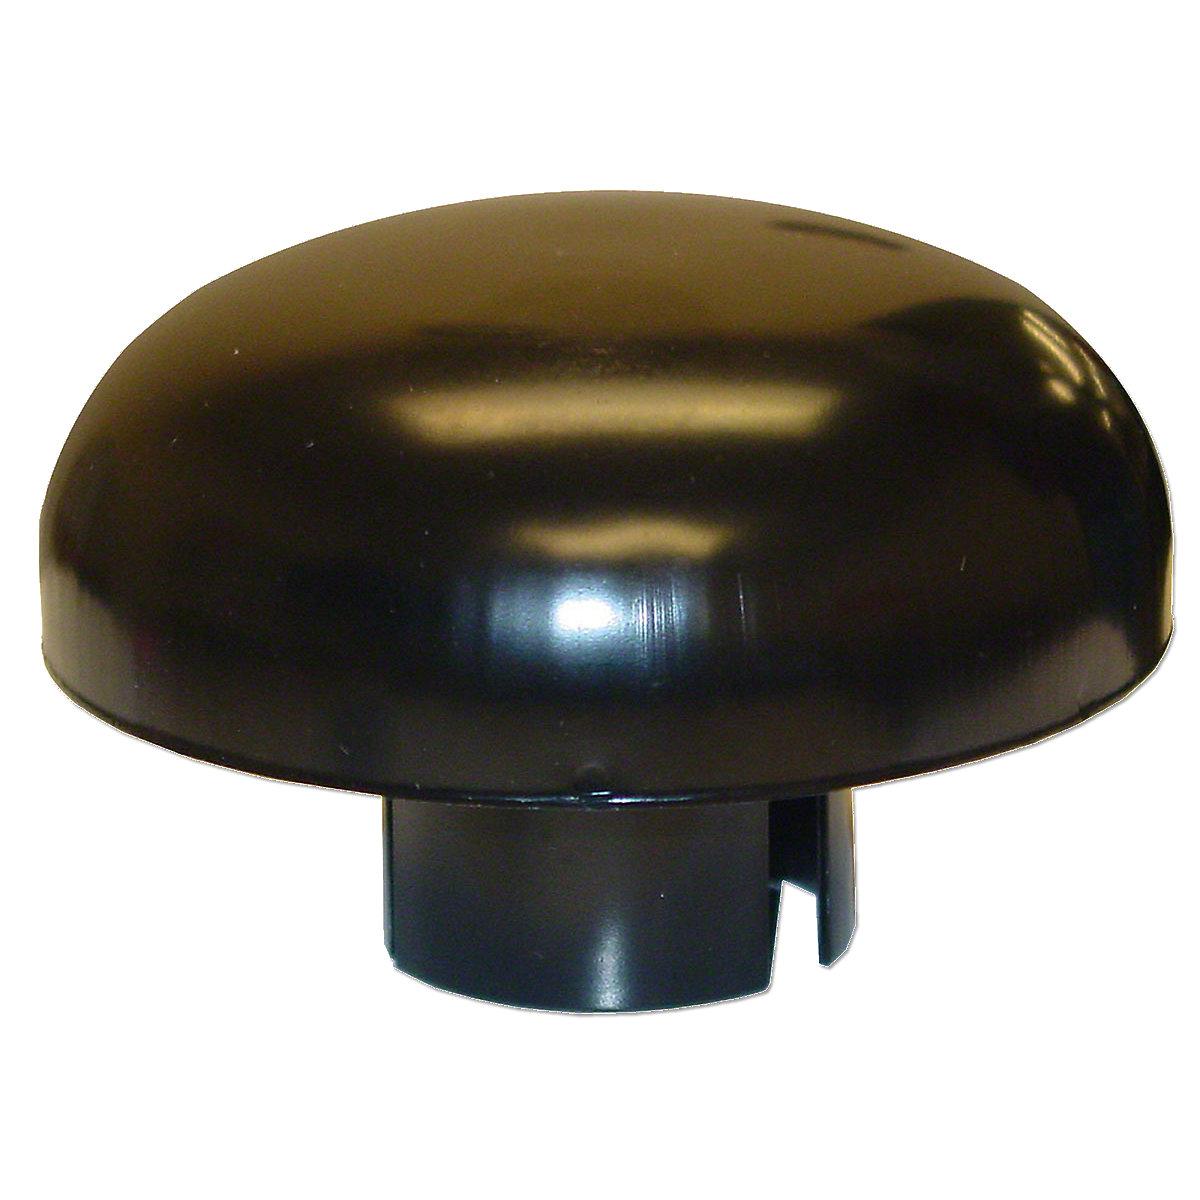 Air Cleaner Cap : Acs air cleaner cap